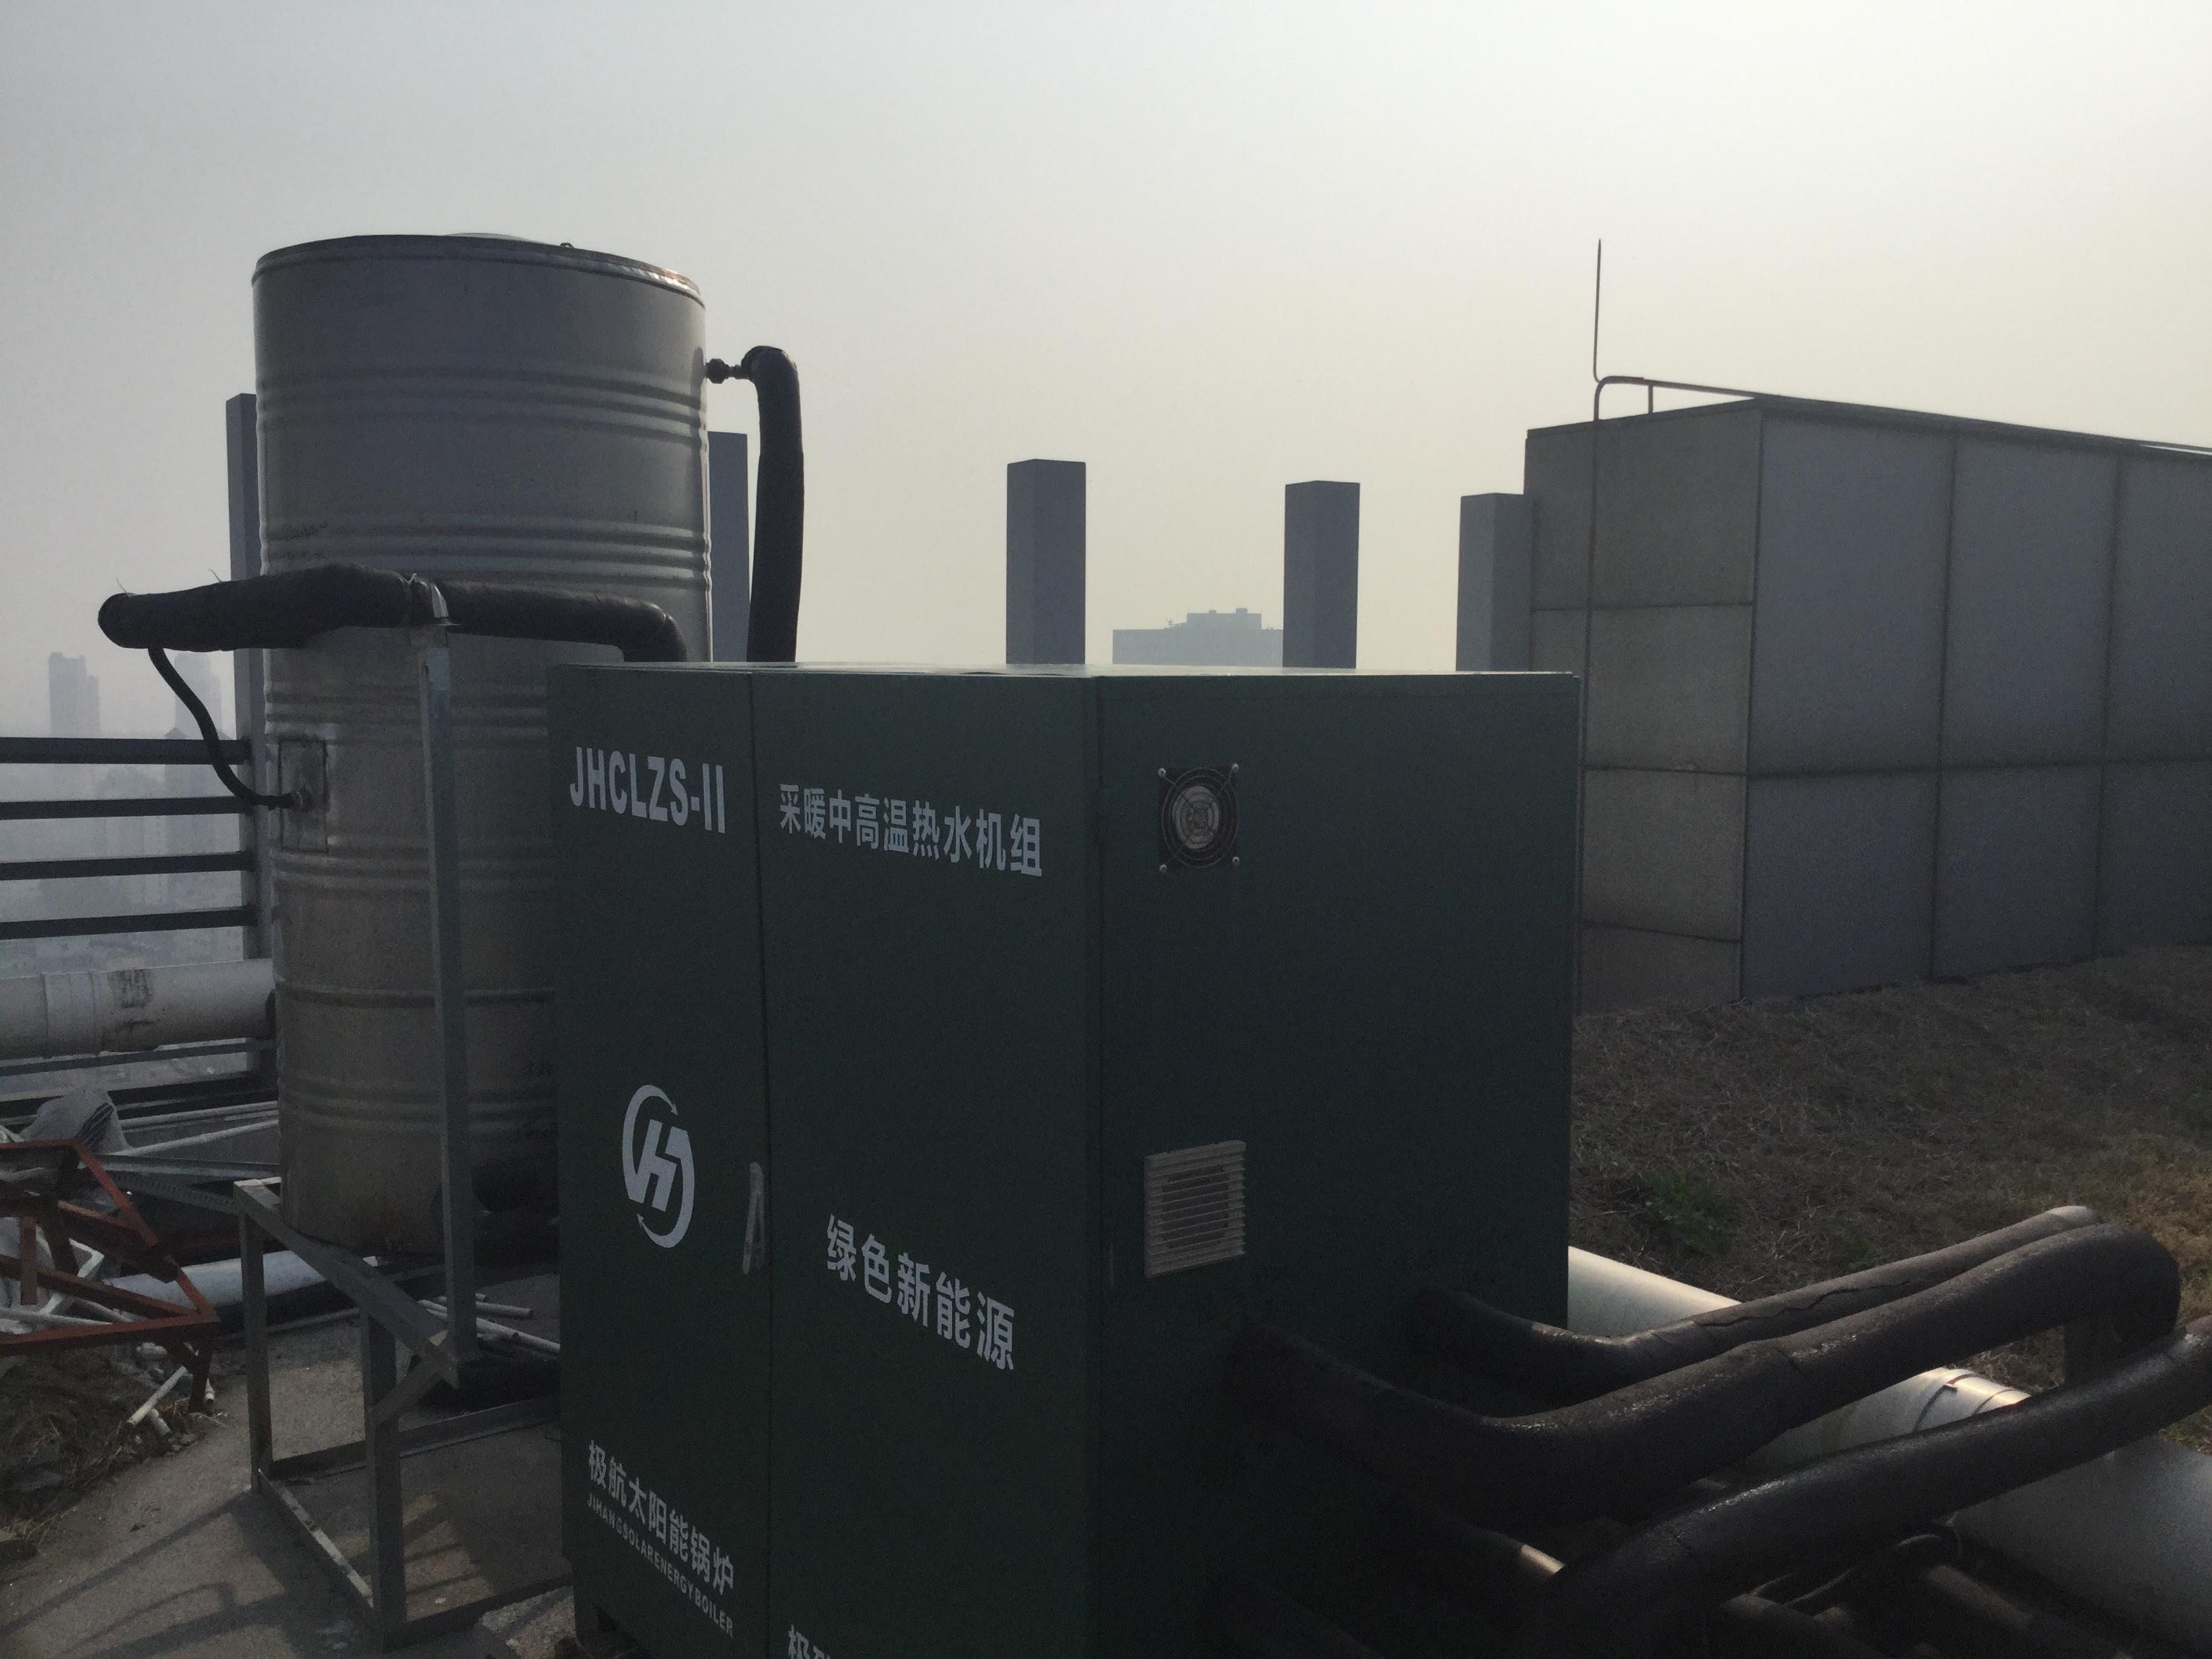 【极航科技】新疆某别墅太阳能采暖及生活热水解决方案